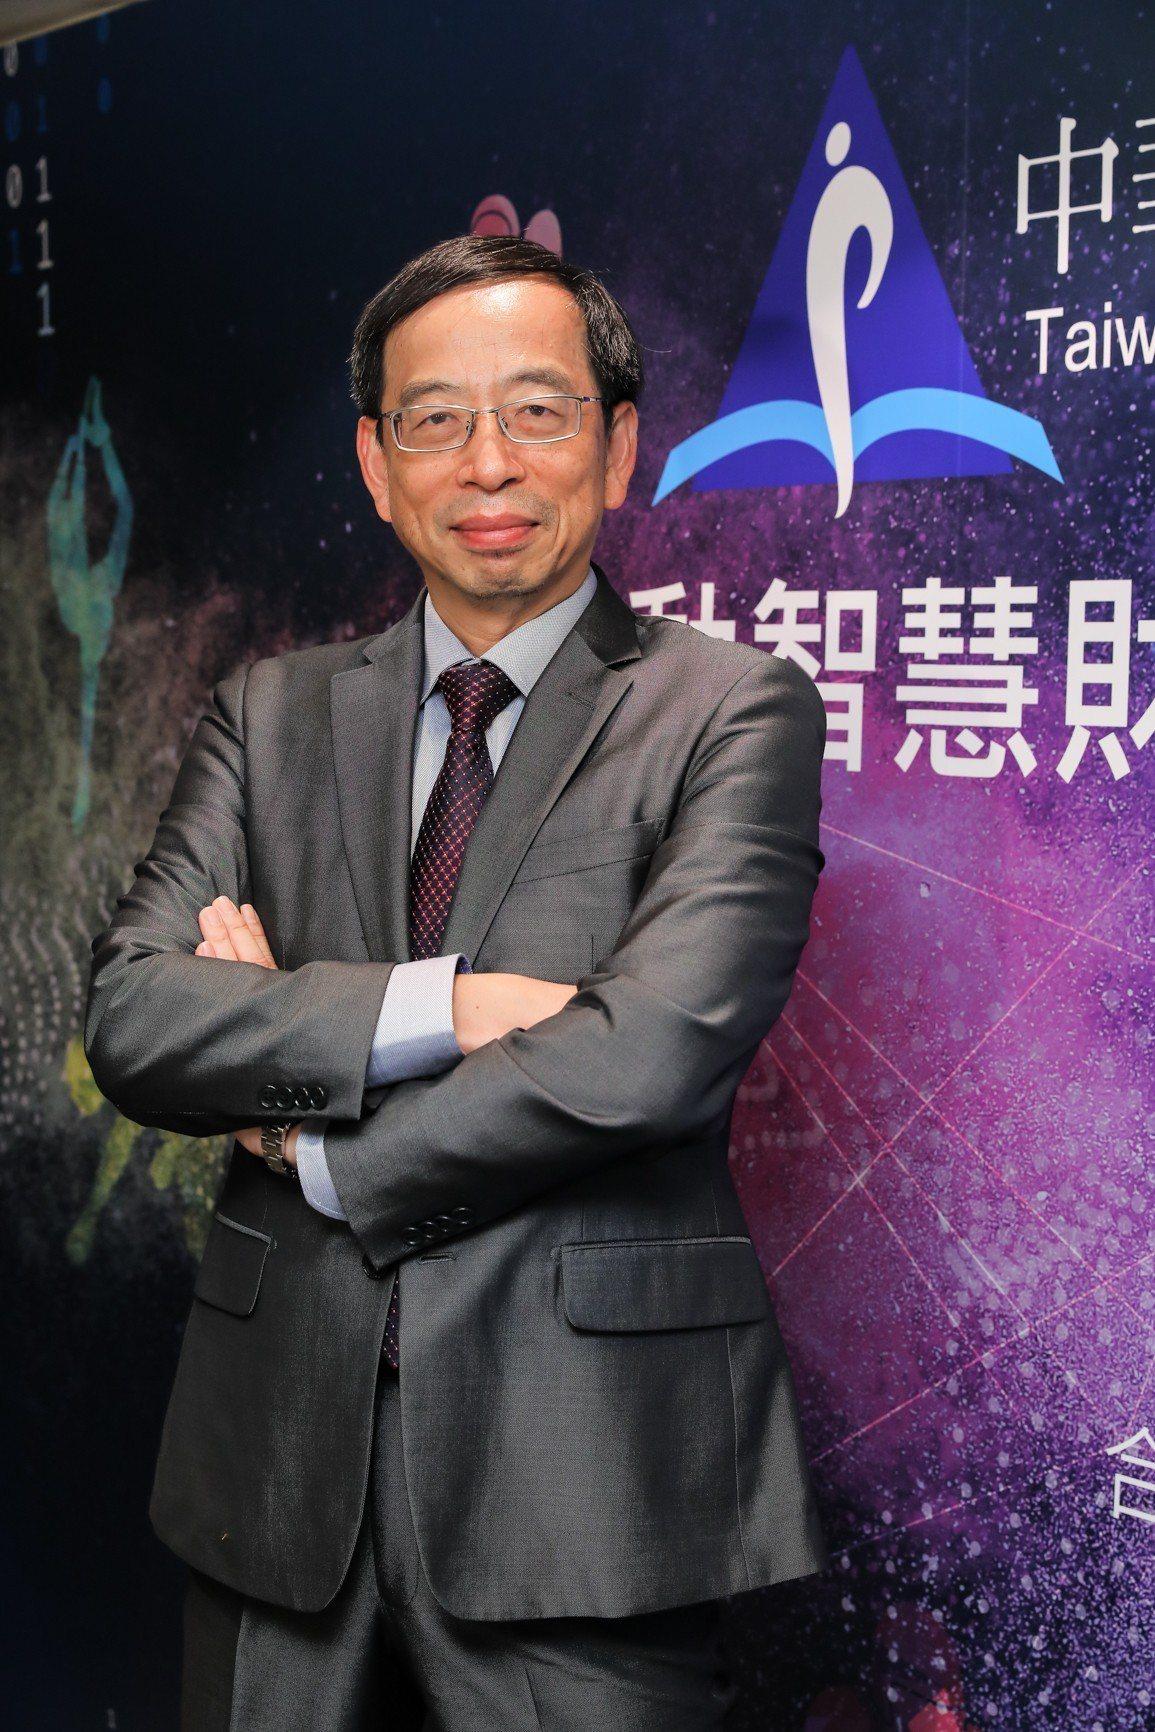 專利師公會理事長林宗宏提醒,若遇到智財問題,應尋求「專利師」建議。 圖/中華民國...